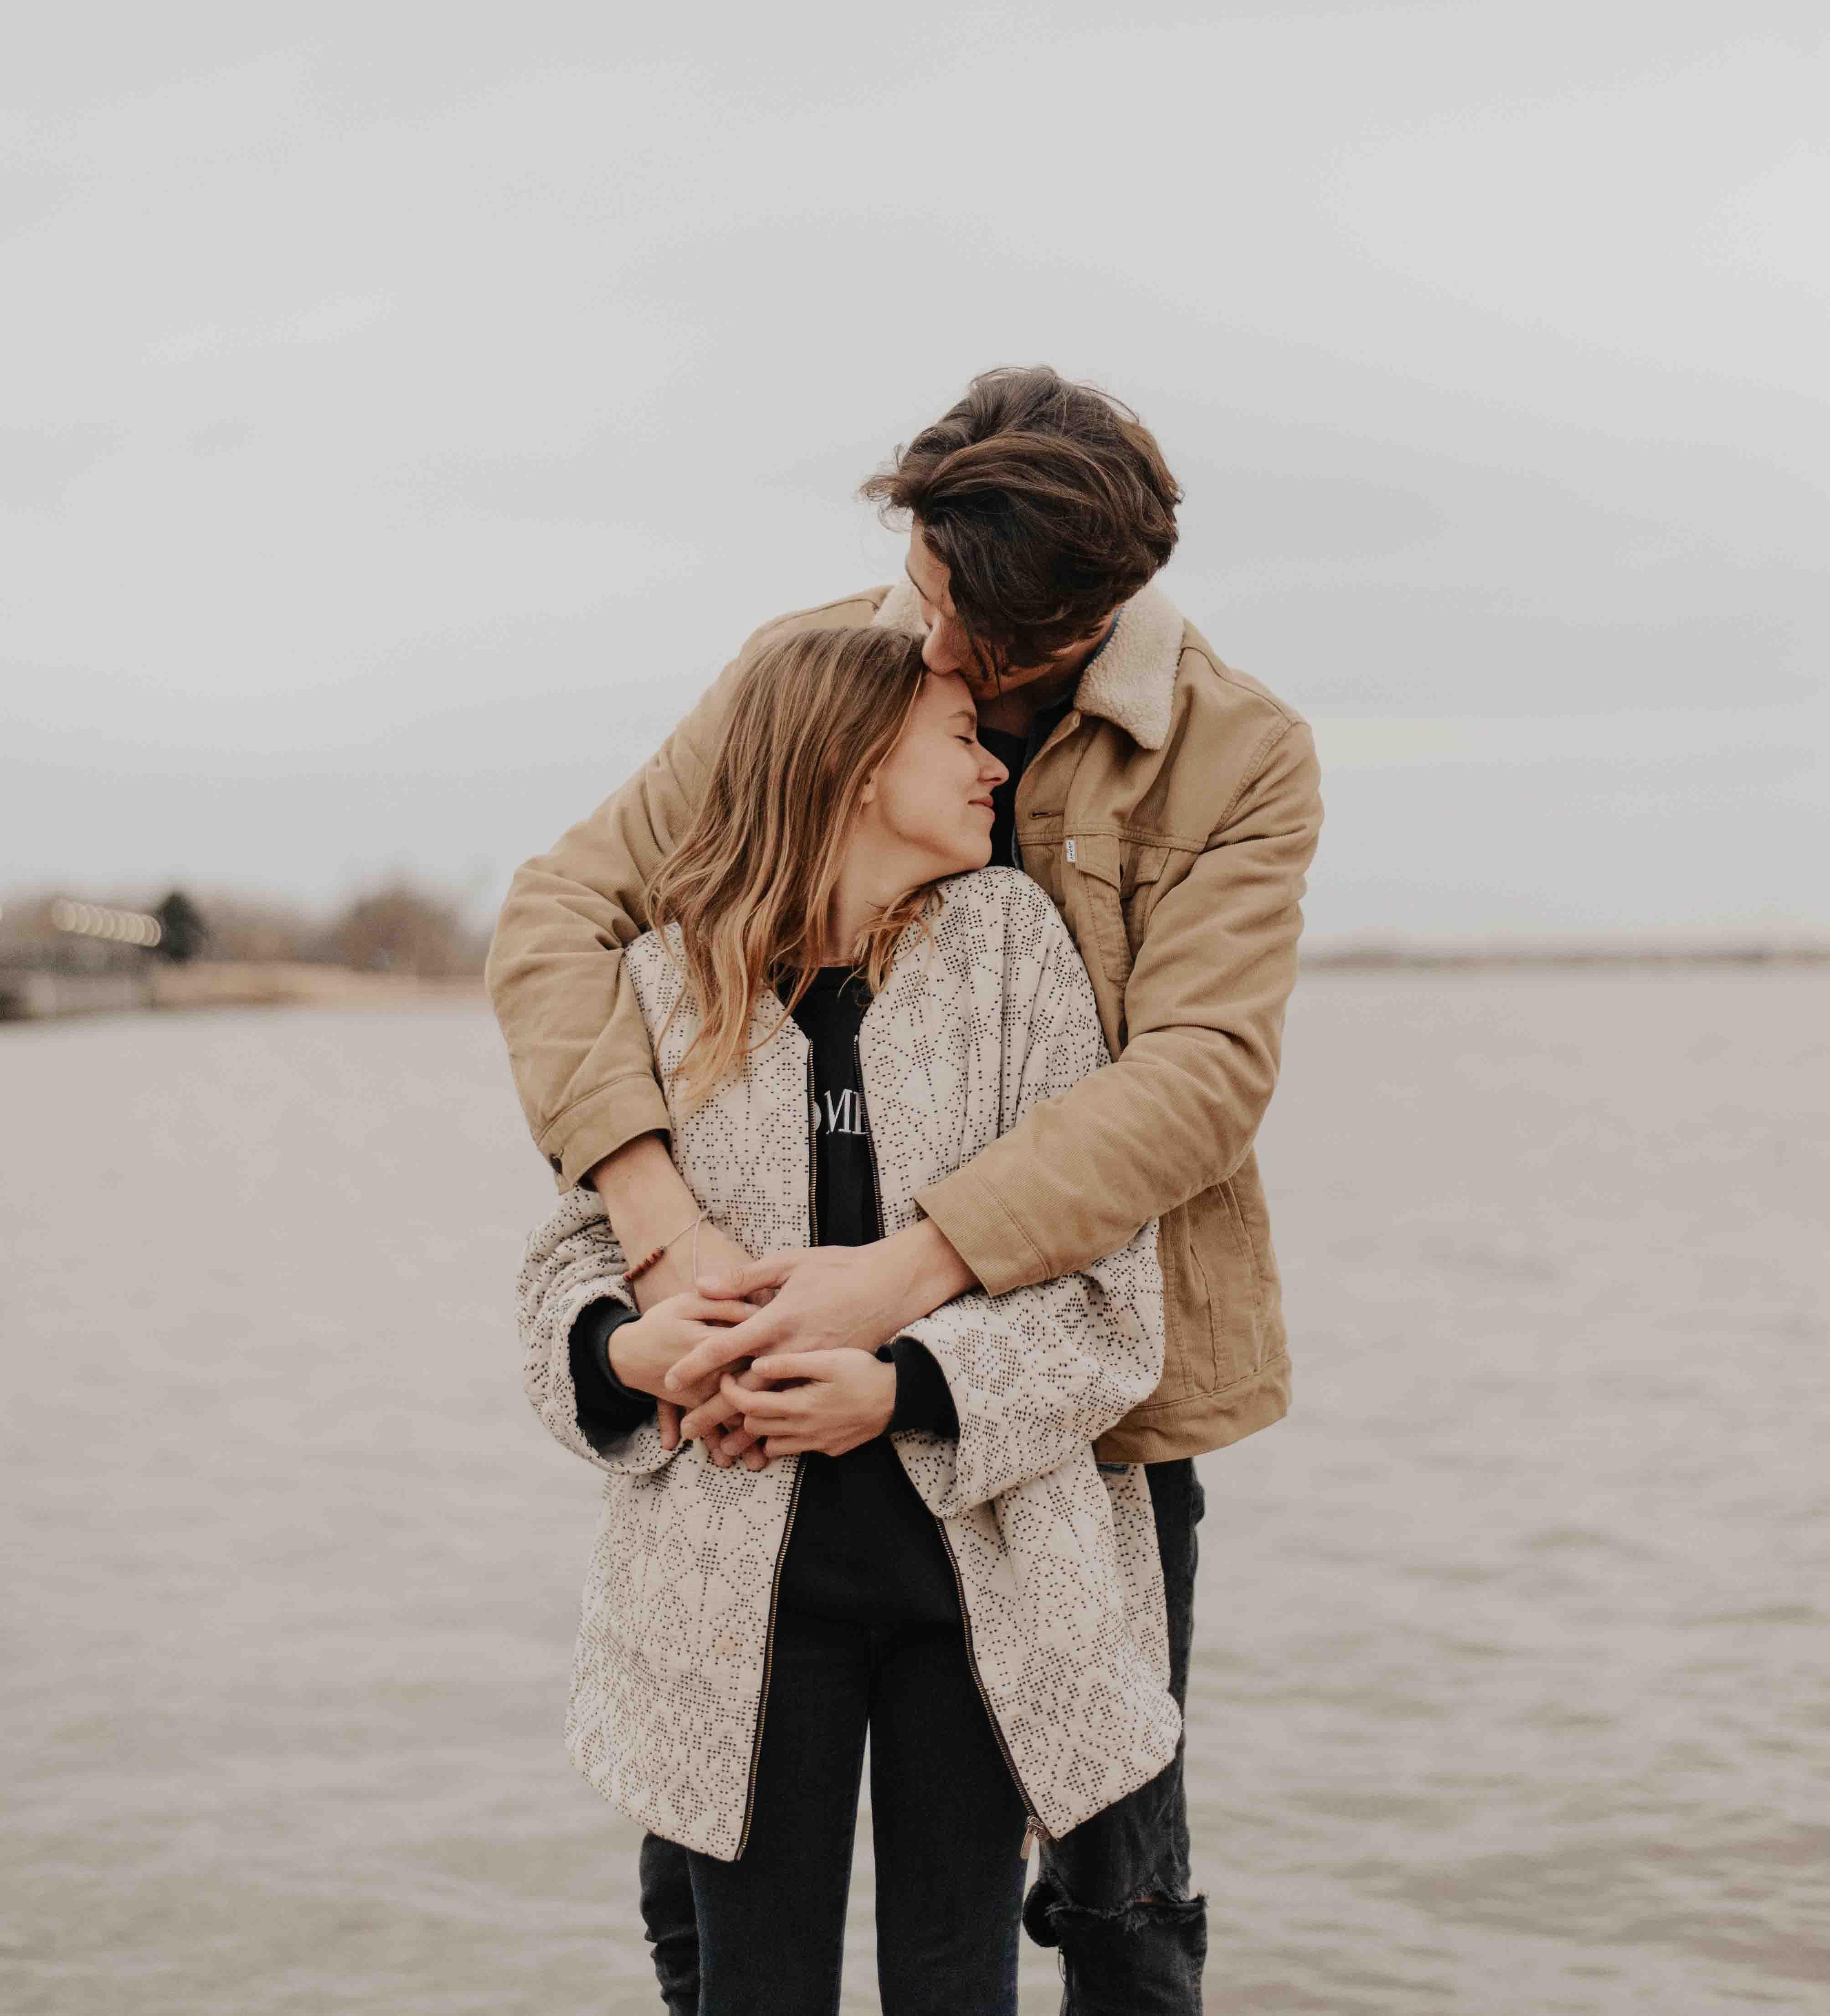 chàng trai yêu thương hôn trán cô gái